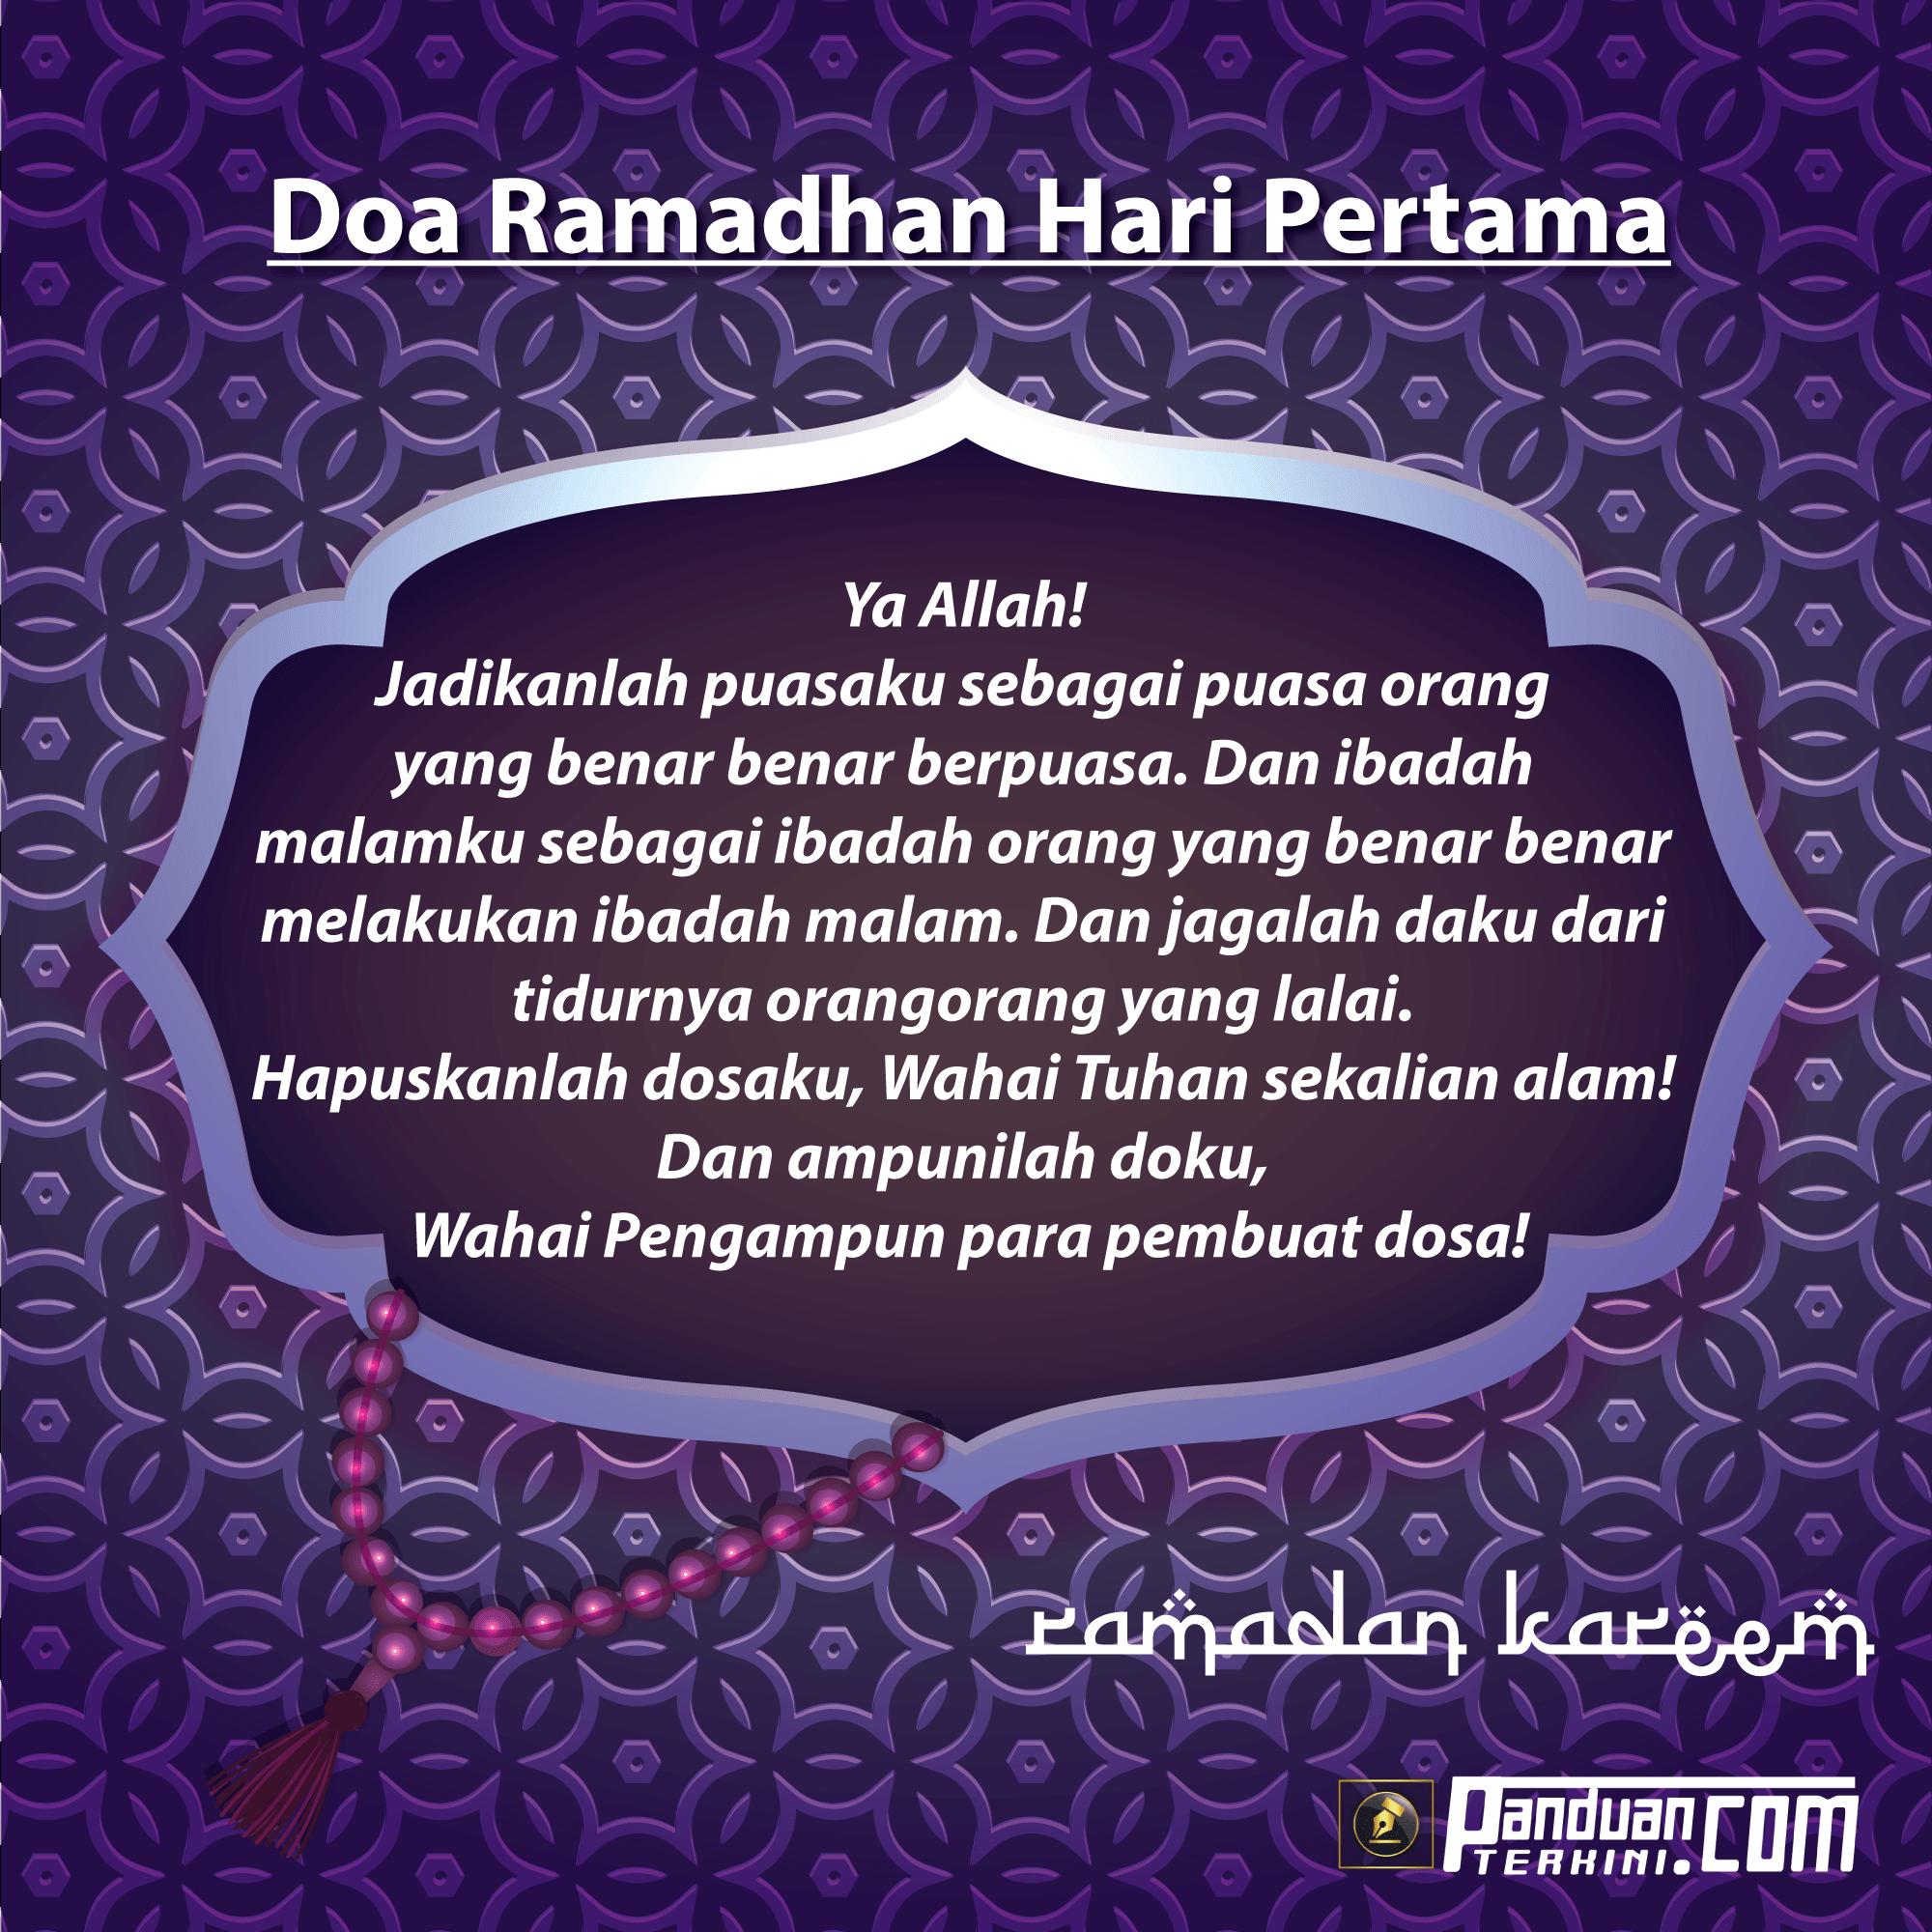 Doa Ramadhan Hari Pertama